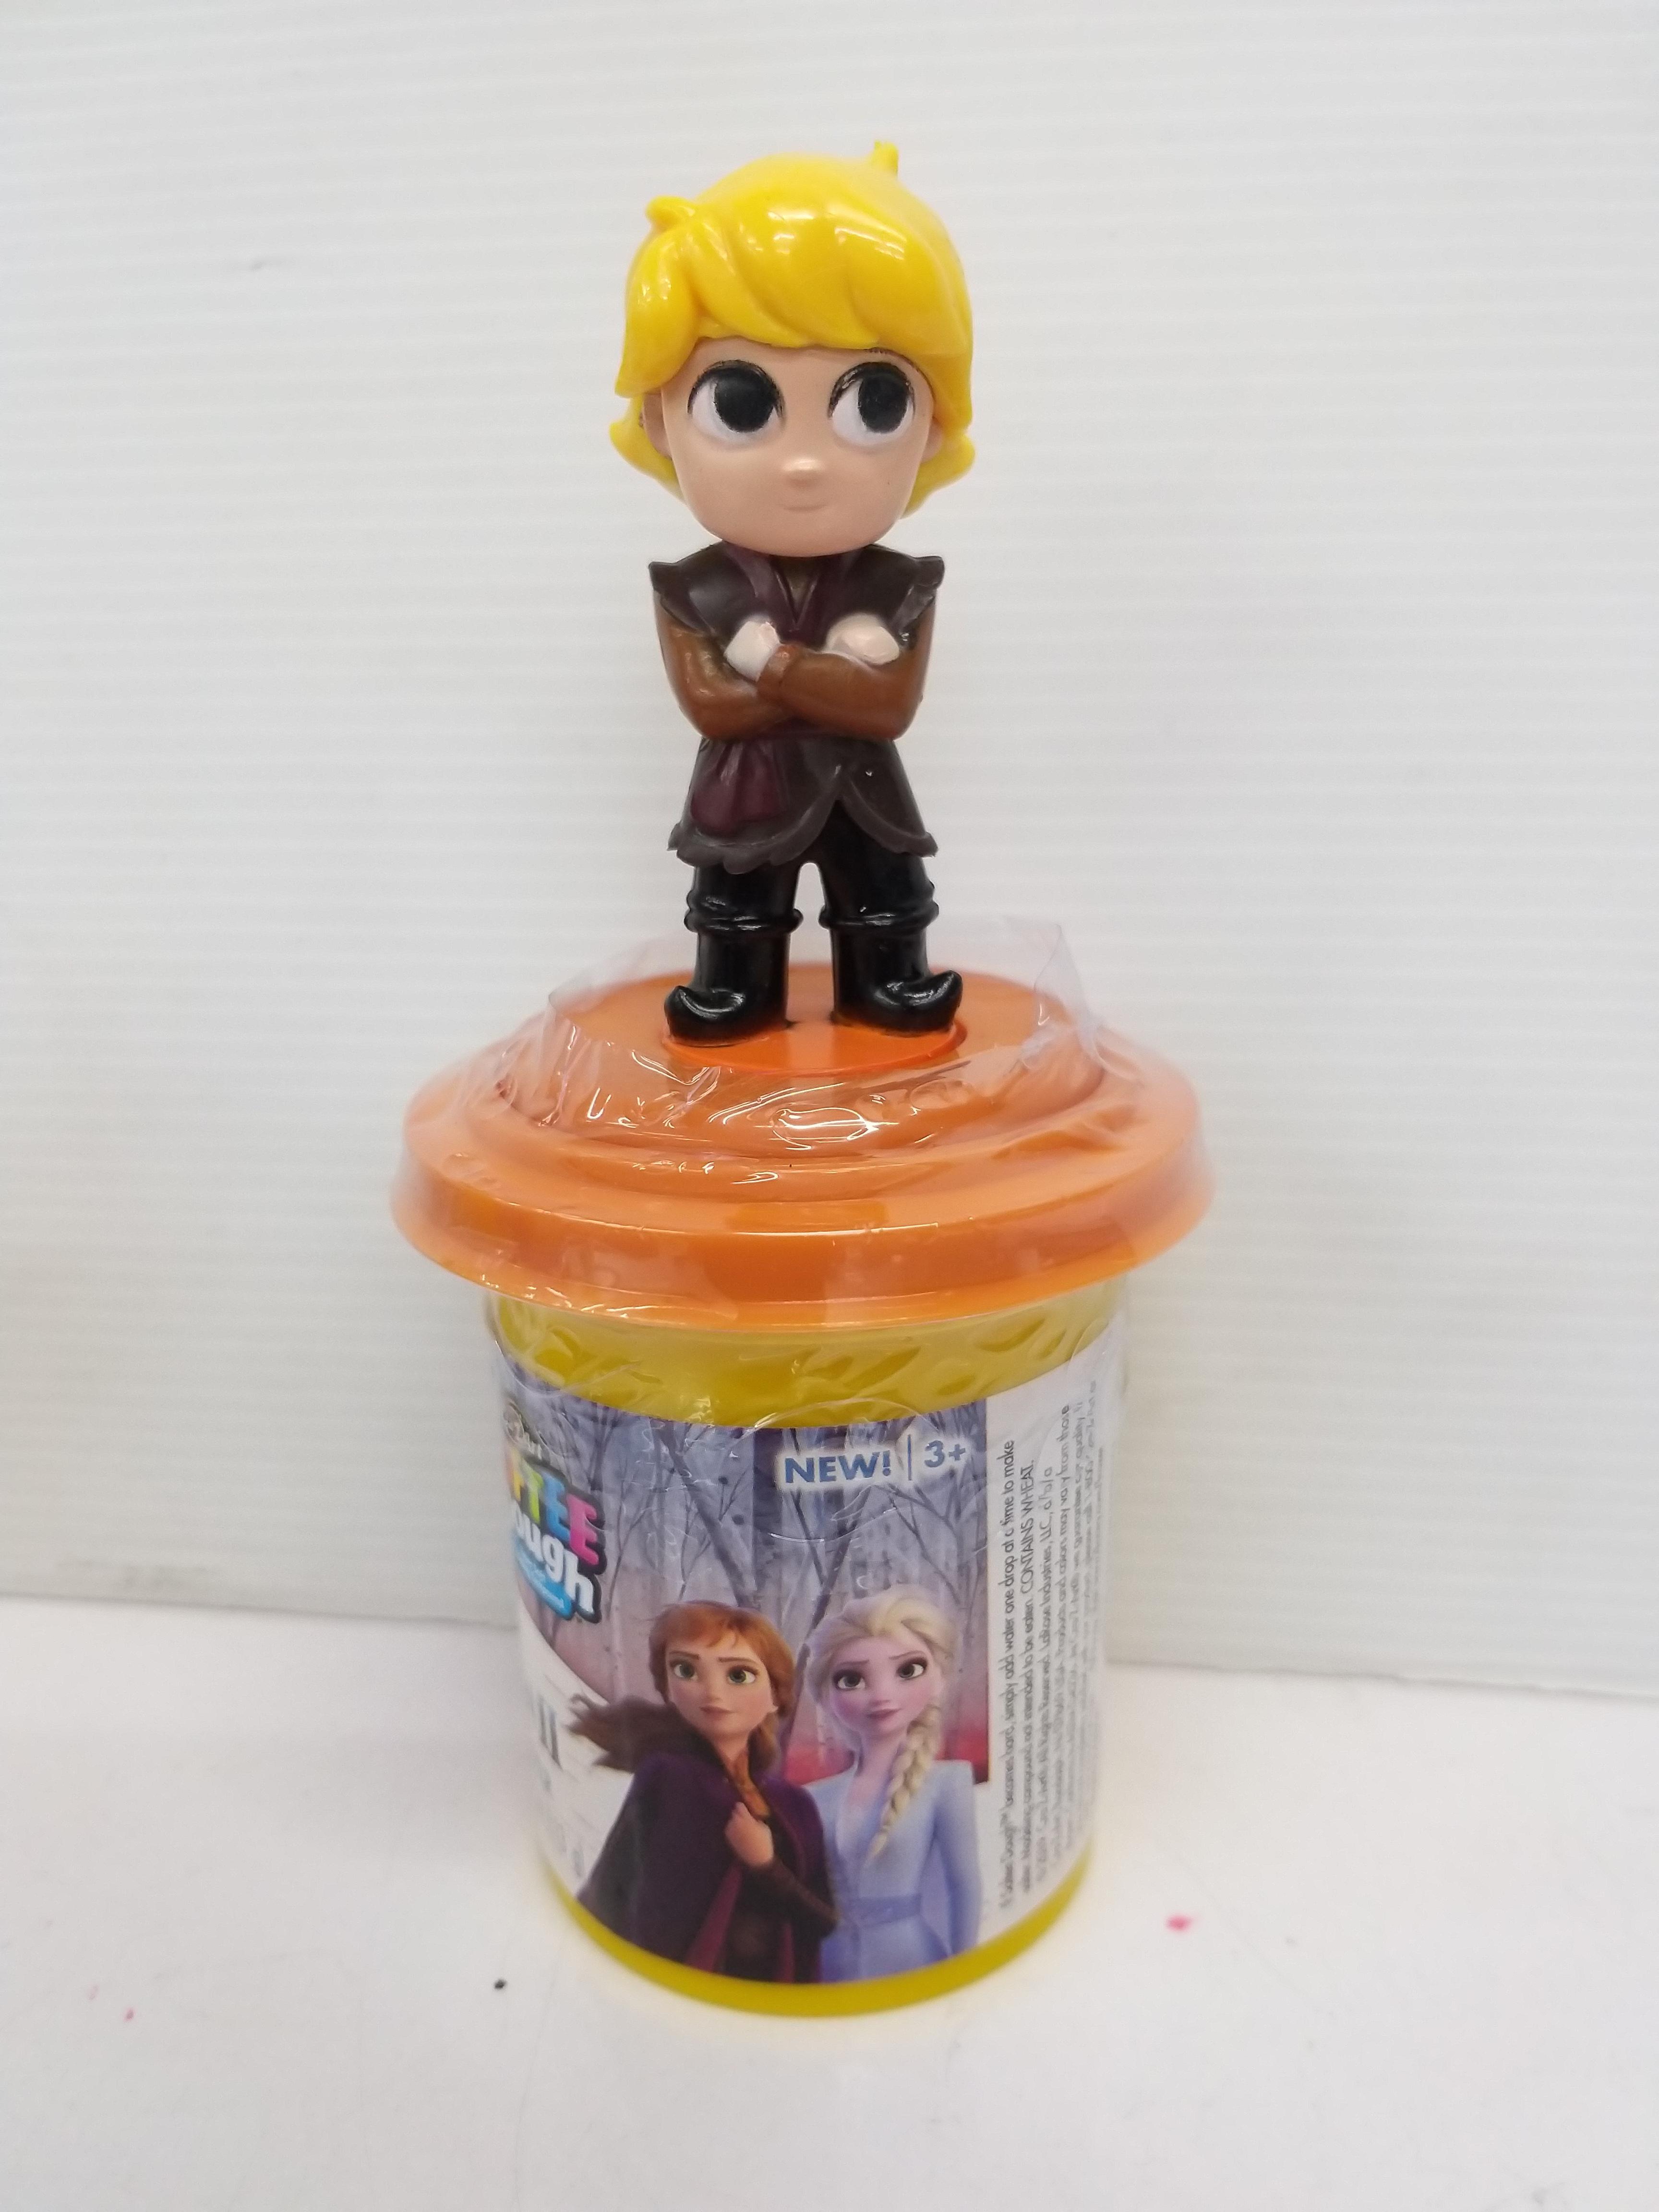 Disney Frozen II Softee Dough Figure Stamper Krist